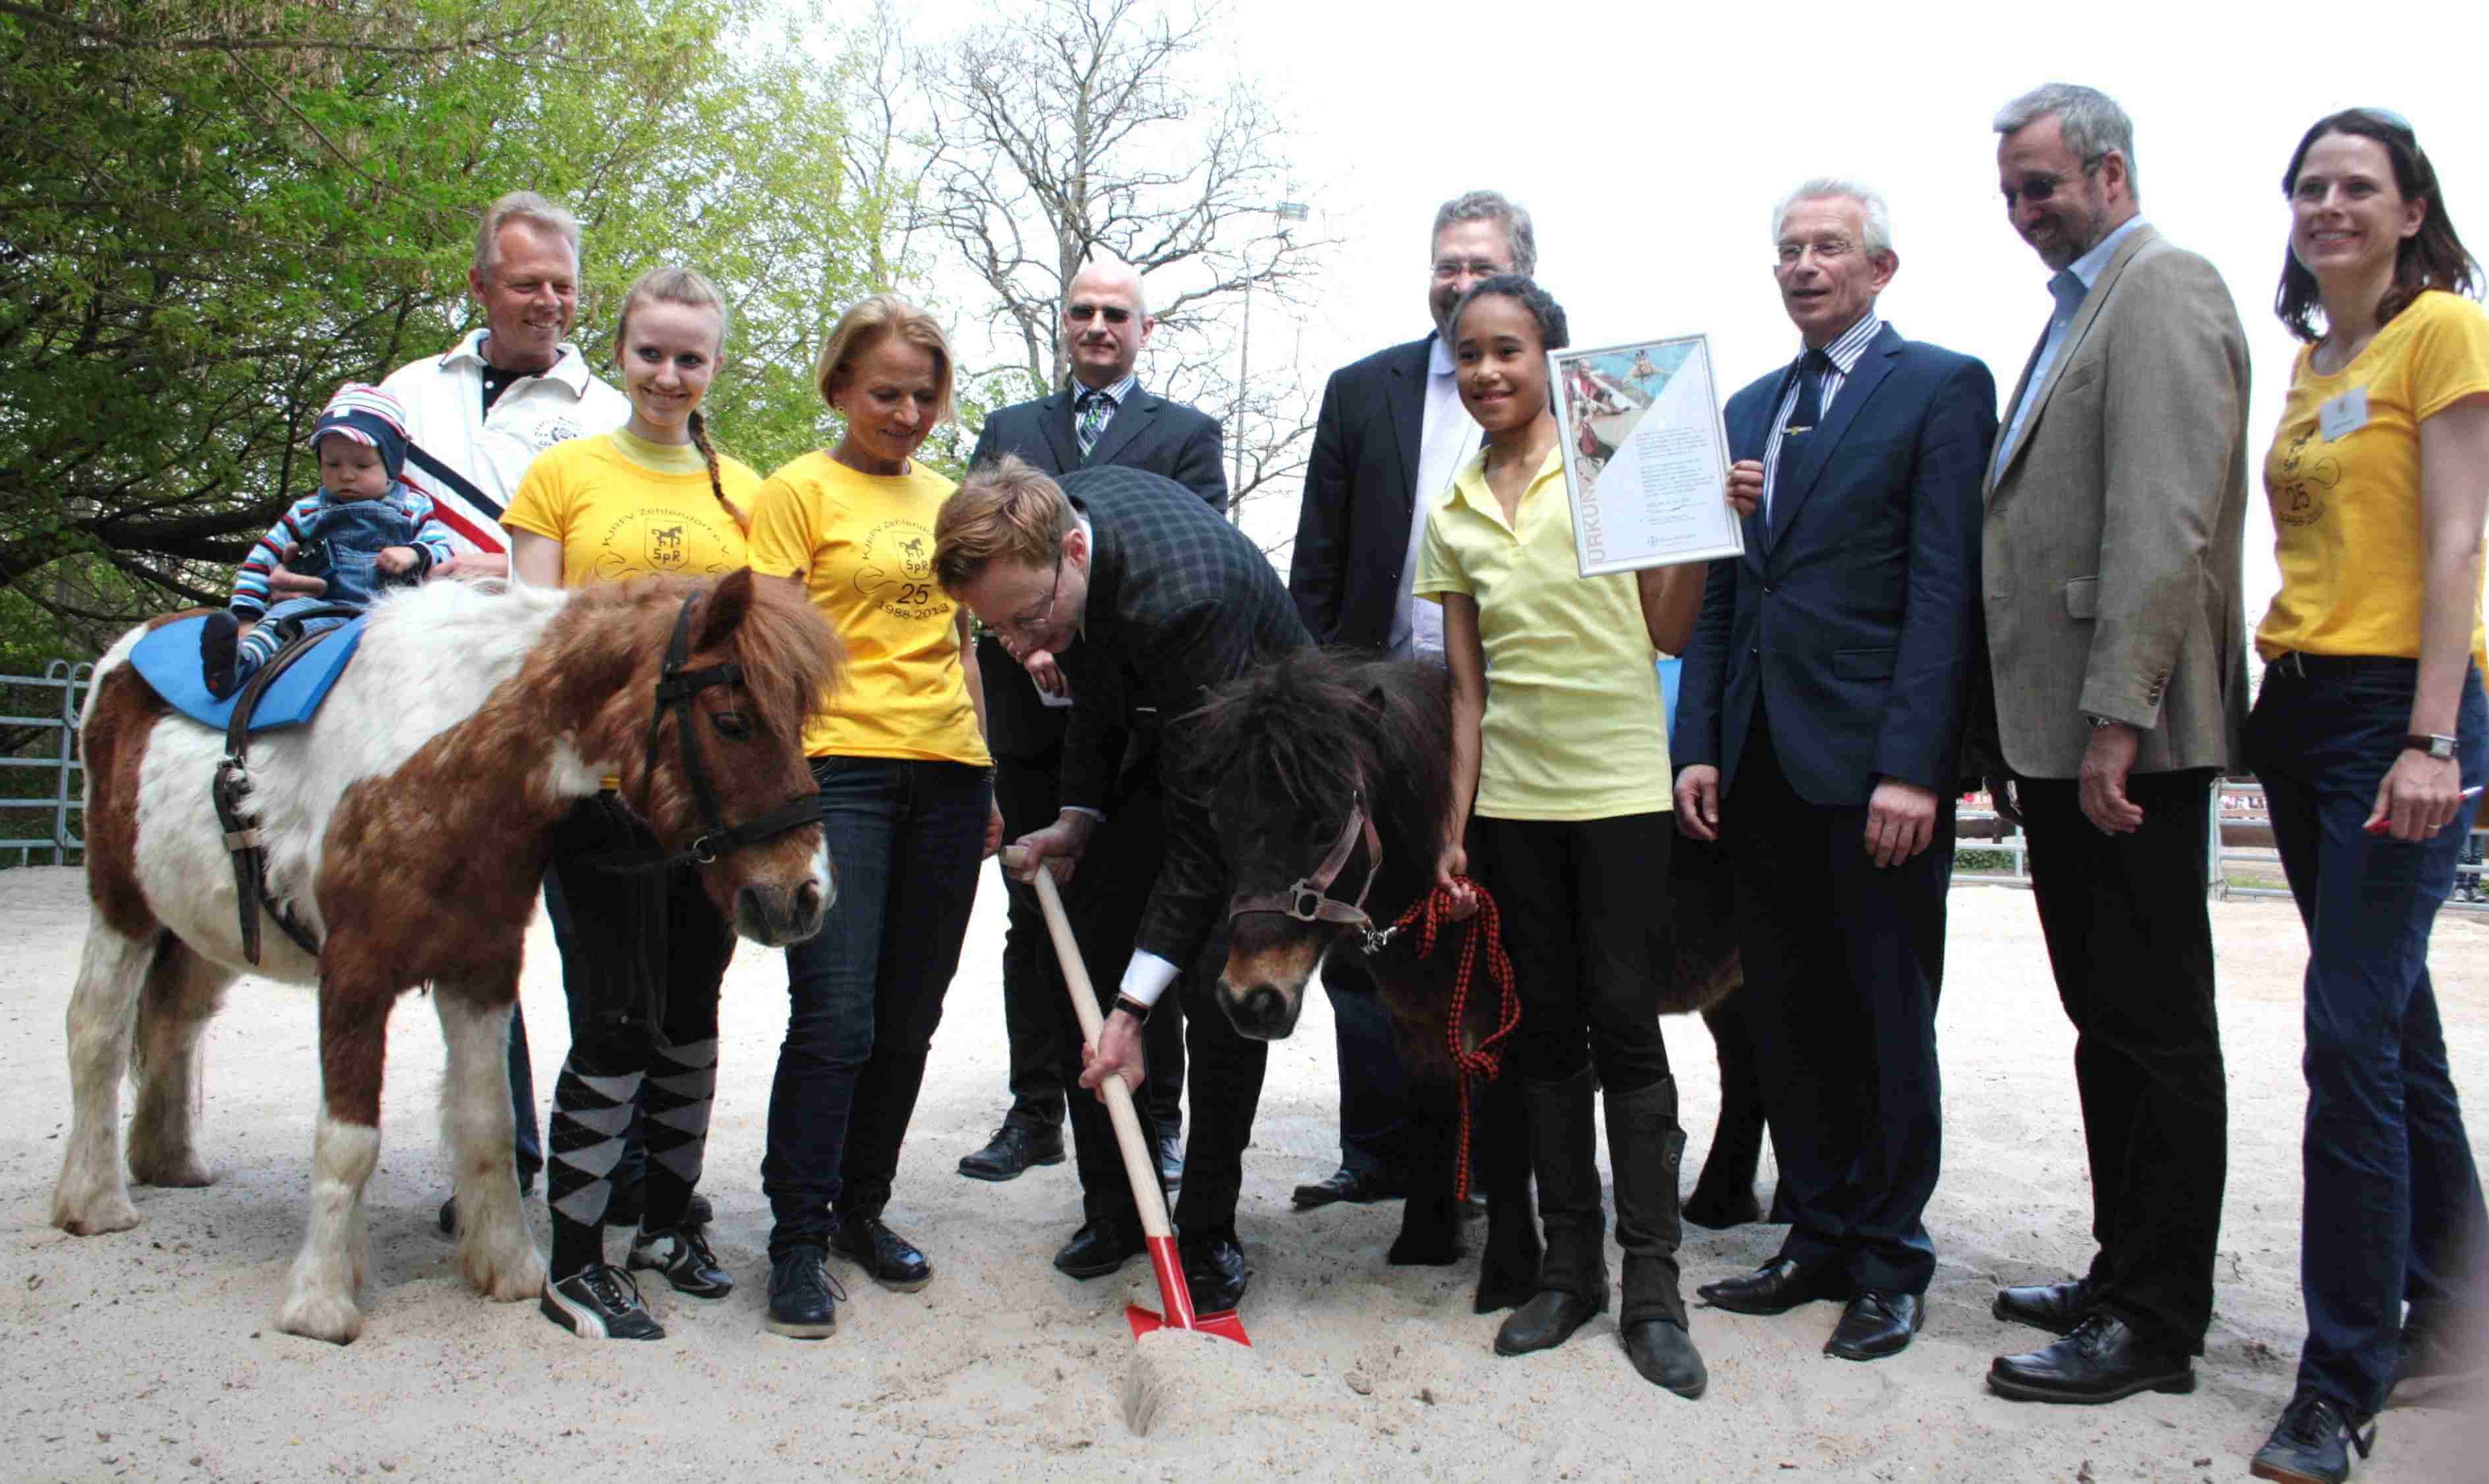 Mit einem Pony fing alles an: KJRFV Zehlendorf feiert 25-jähriges Bestehen und 50 Jahre Madame Nou